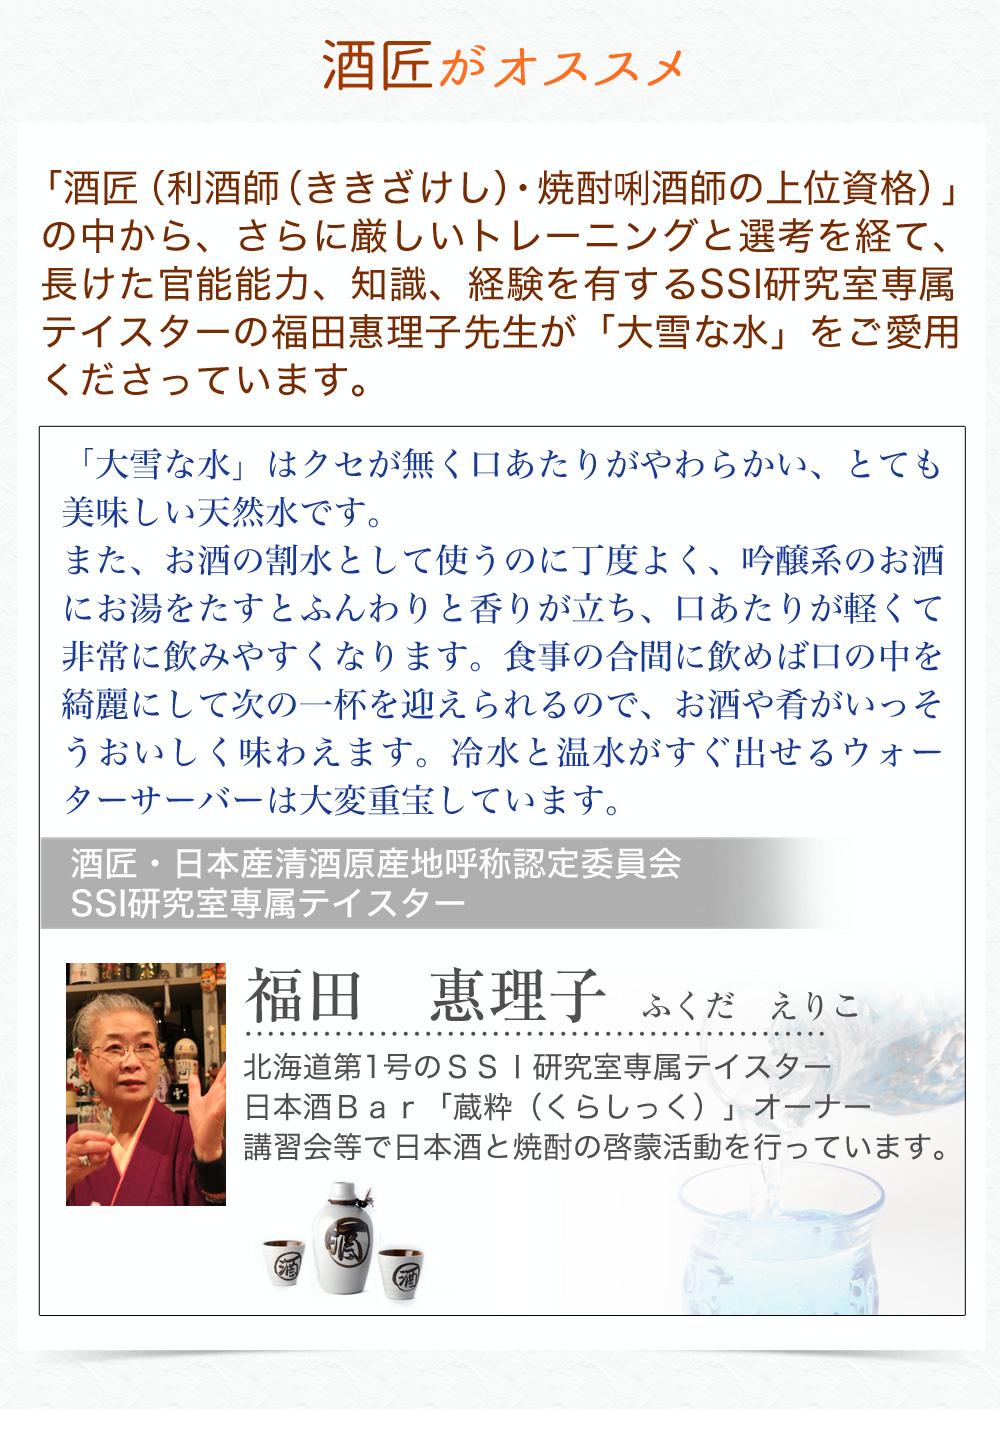 酒匠「福田 恵理子」がオススメ